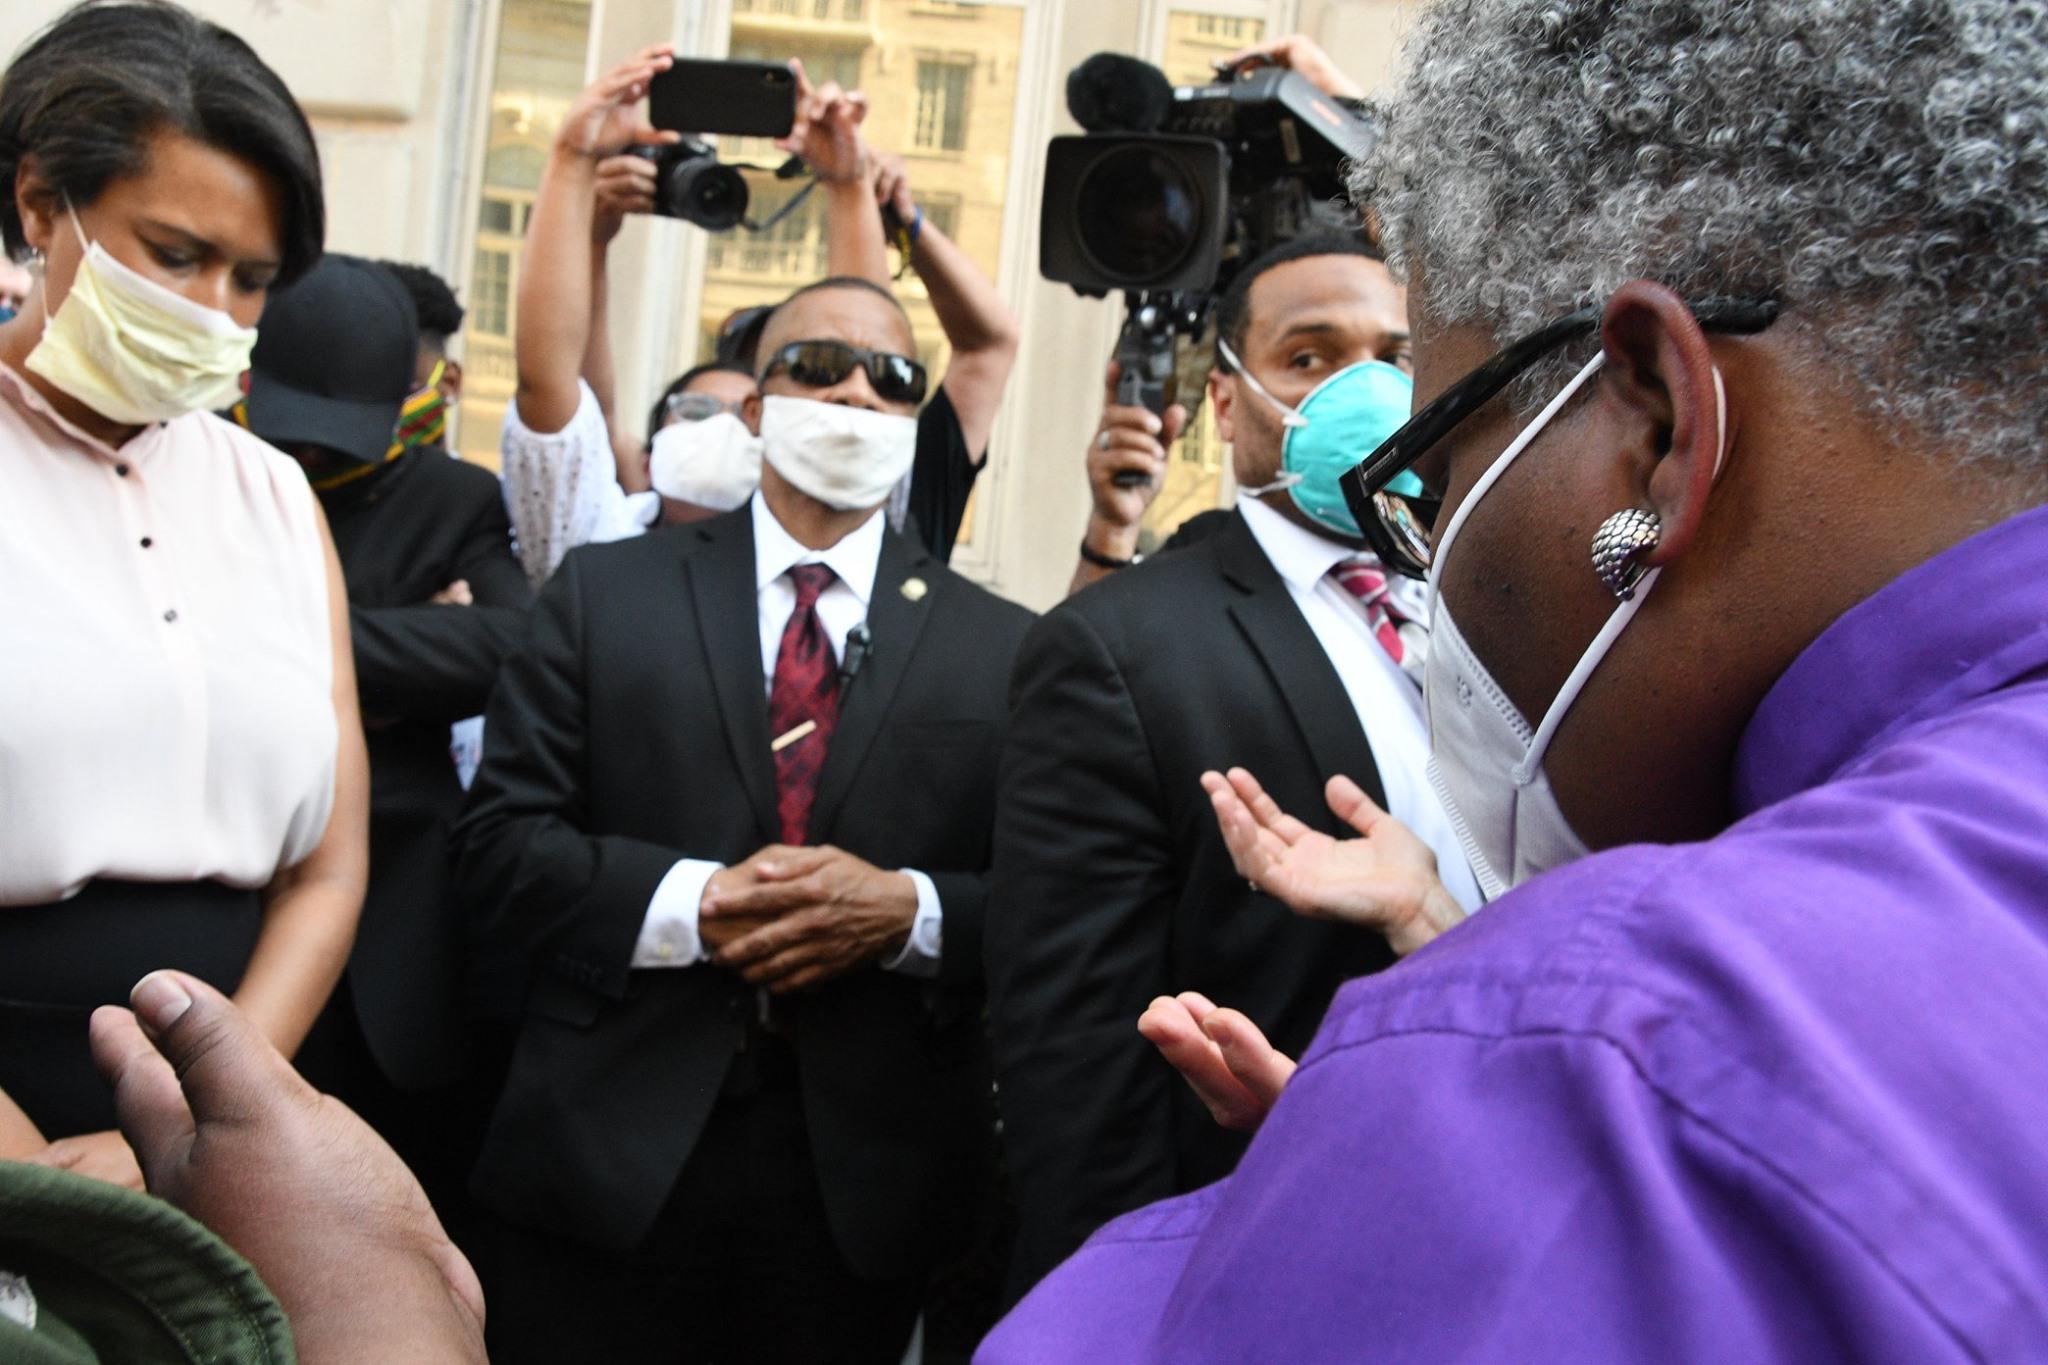 L'évêque méthodiste uni LaTrelle Easterling (à droite) offre une prière lors d'une veillée interconfessionnelle près de la Maison Blanche à Washington le mercredi 3 juin 2020. Photo de Melissa Lauber, Conférence Baltimore-Washington.